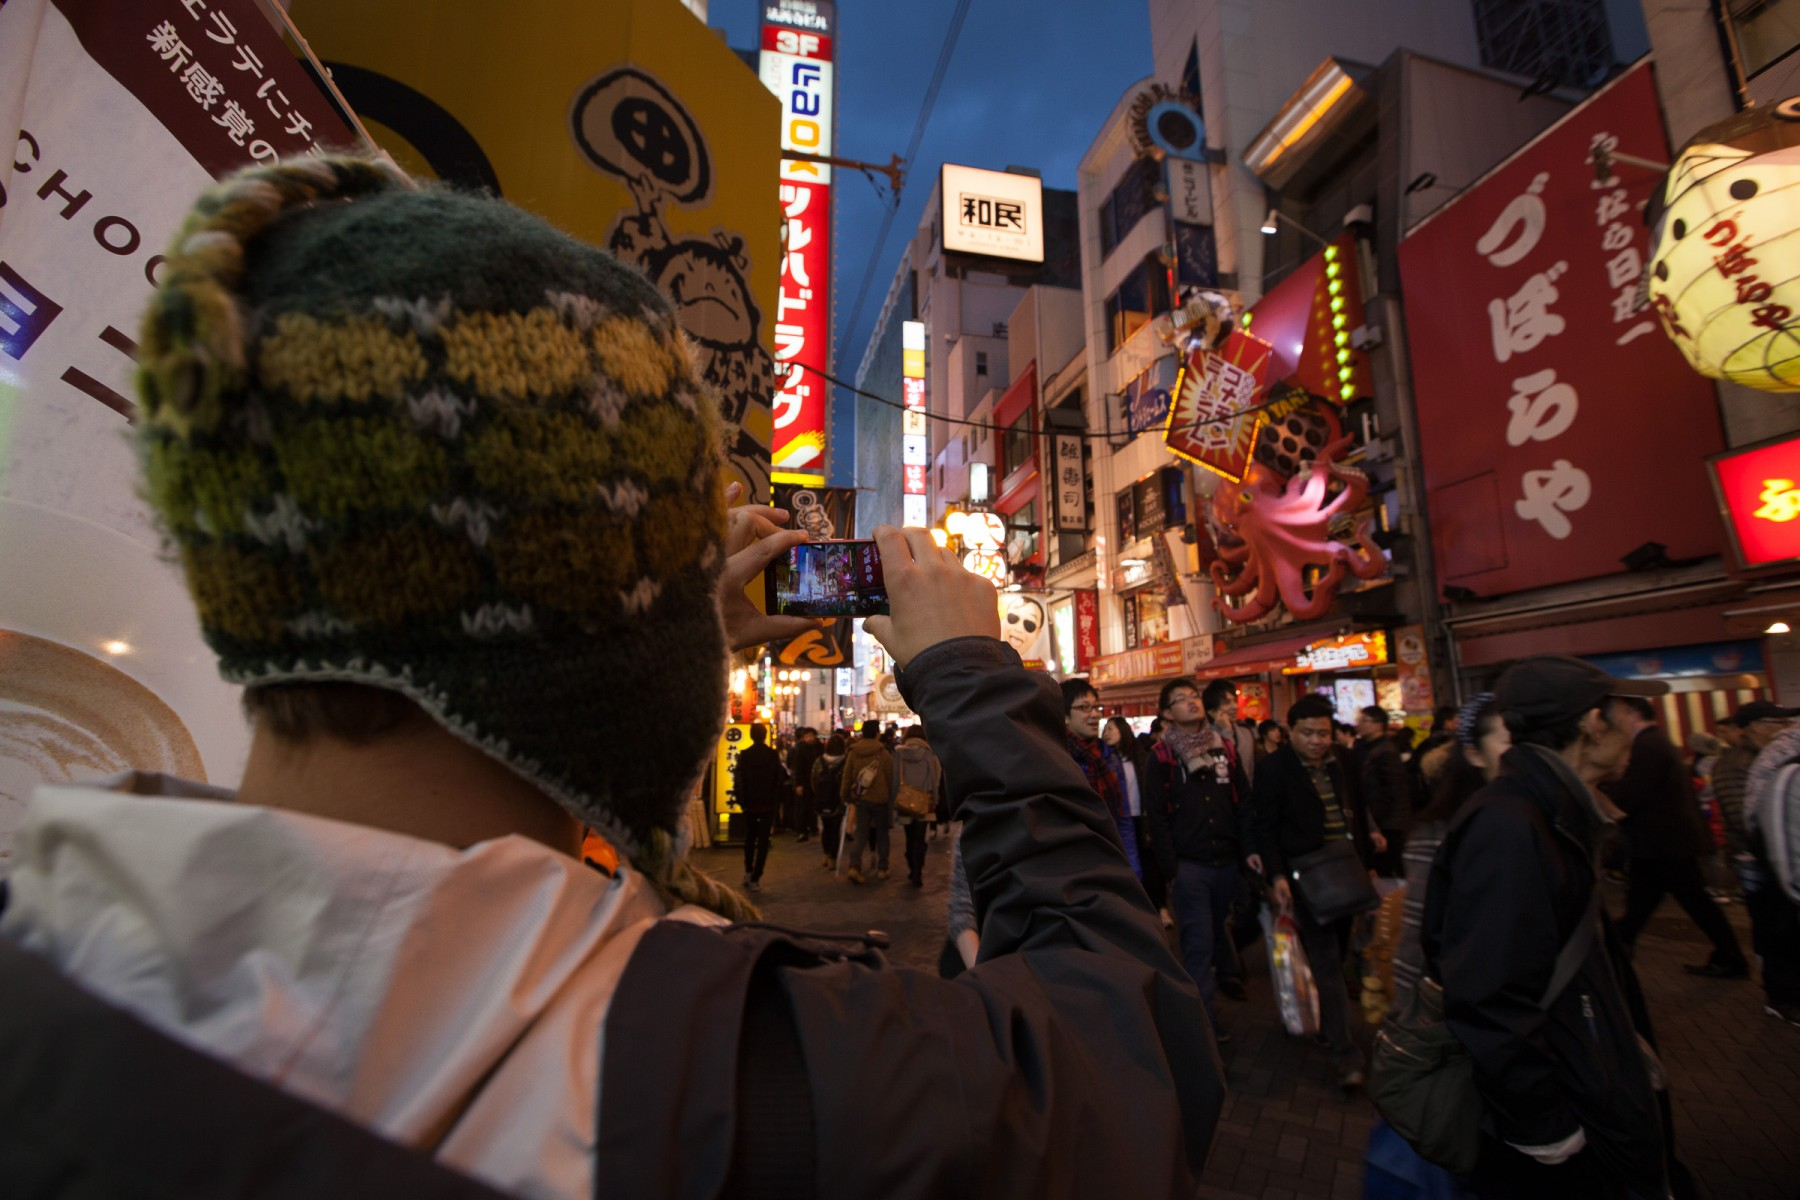 Twilight Shinsaibashisuji street scene